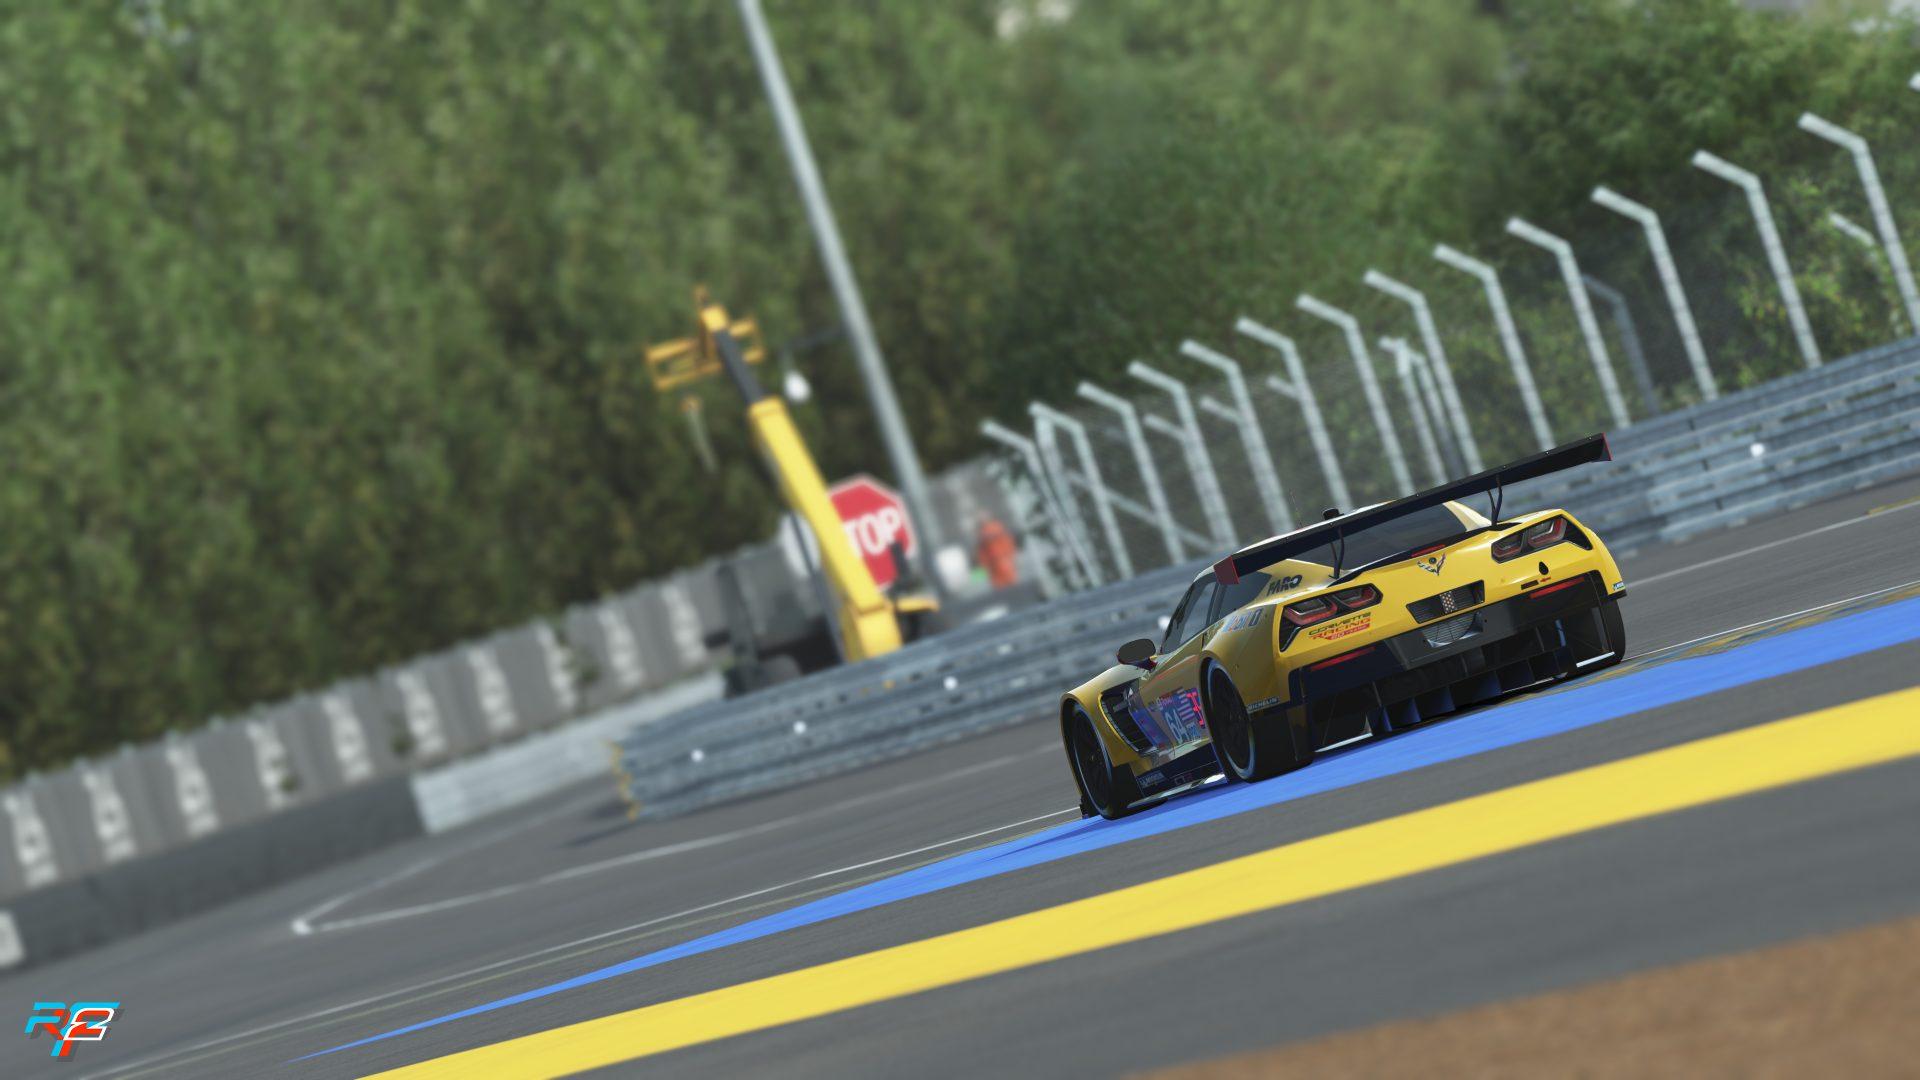 2020_Le_Mans_Virtual_08-1920x1080.jpg